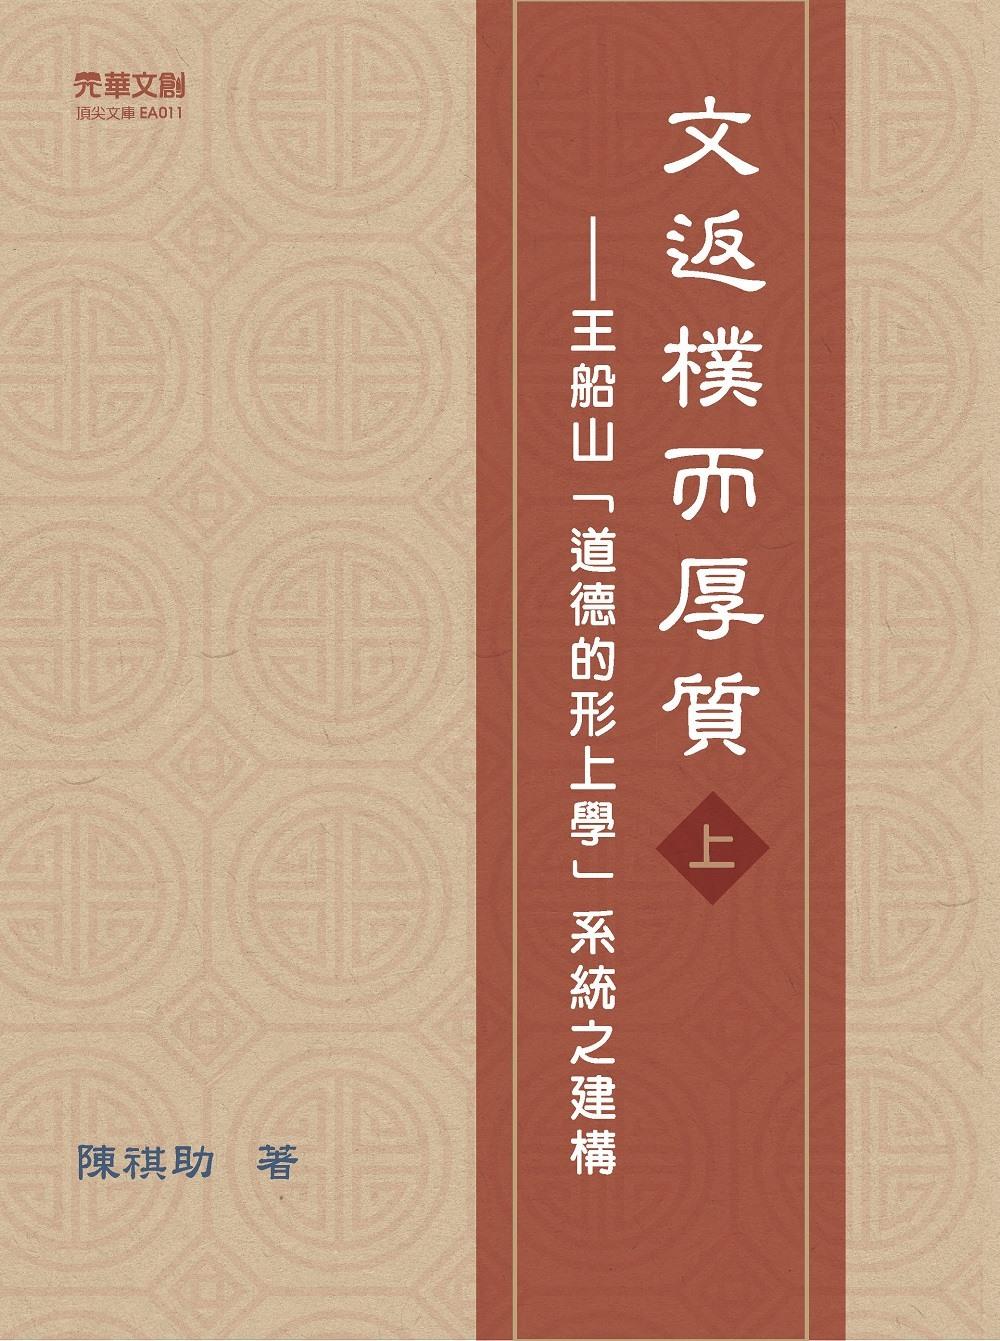 ◤博客來BOOKS◢ 暢銷書榜《推薦》文返樸而厚質(上):王船山「道德的形上學」系統之建構